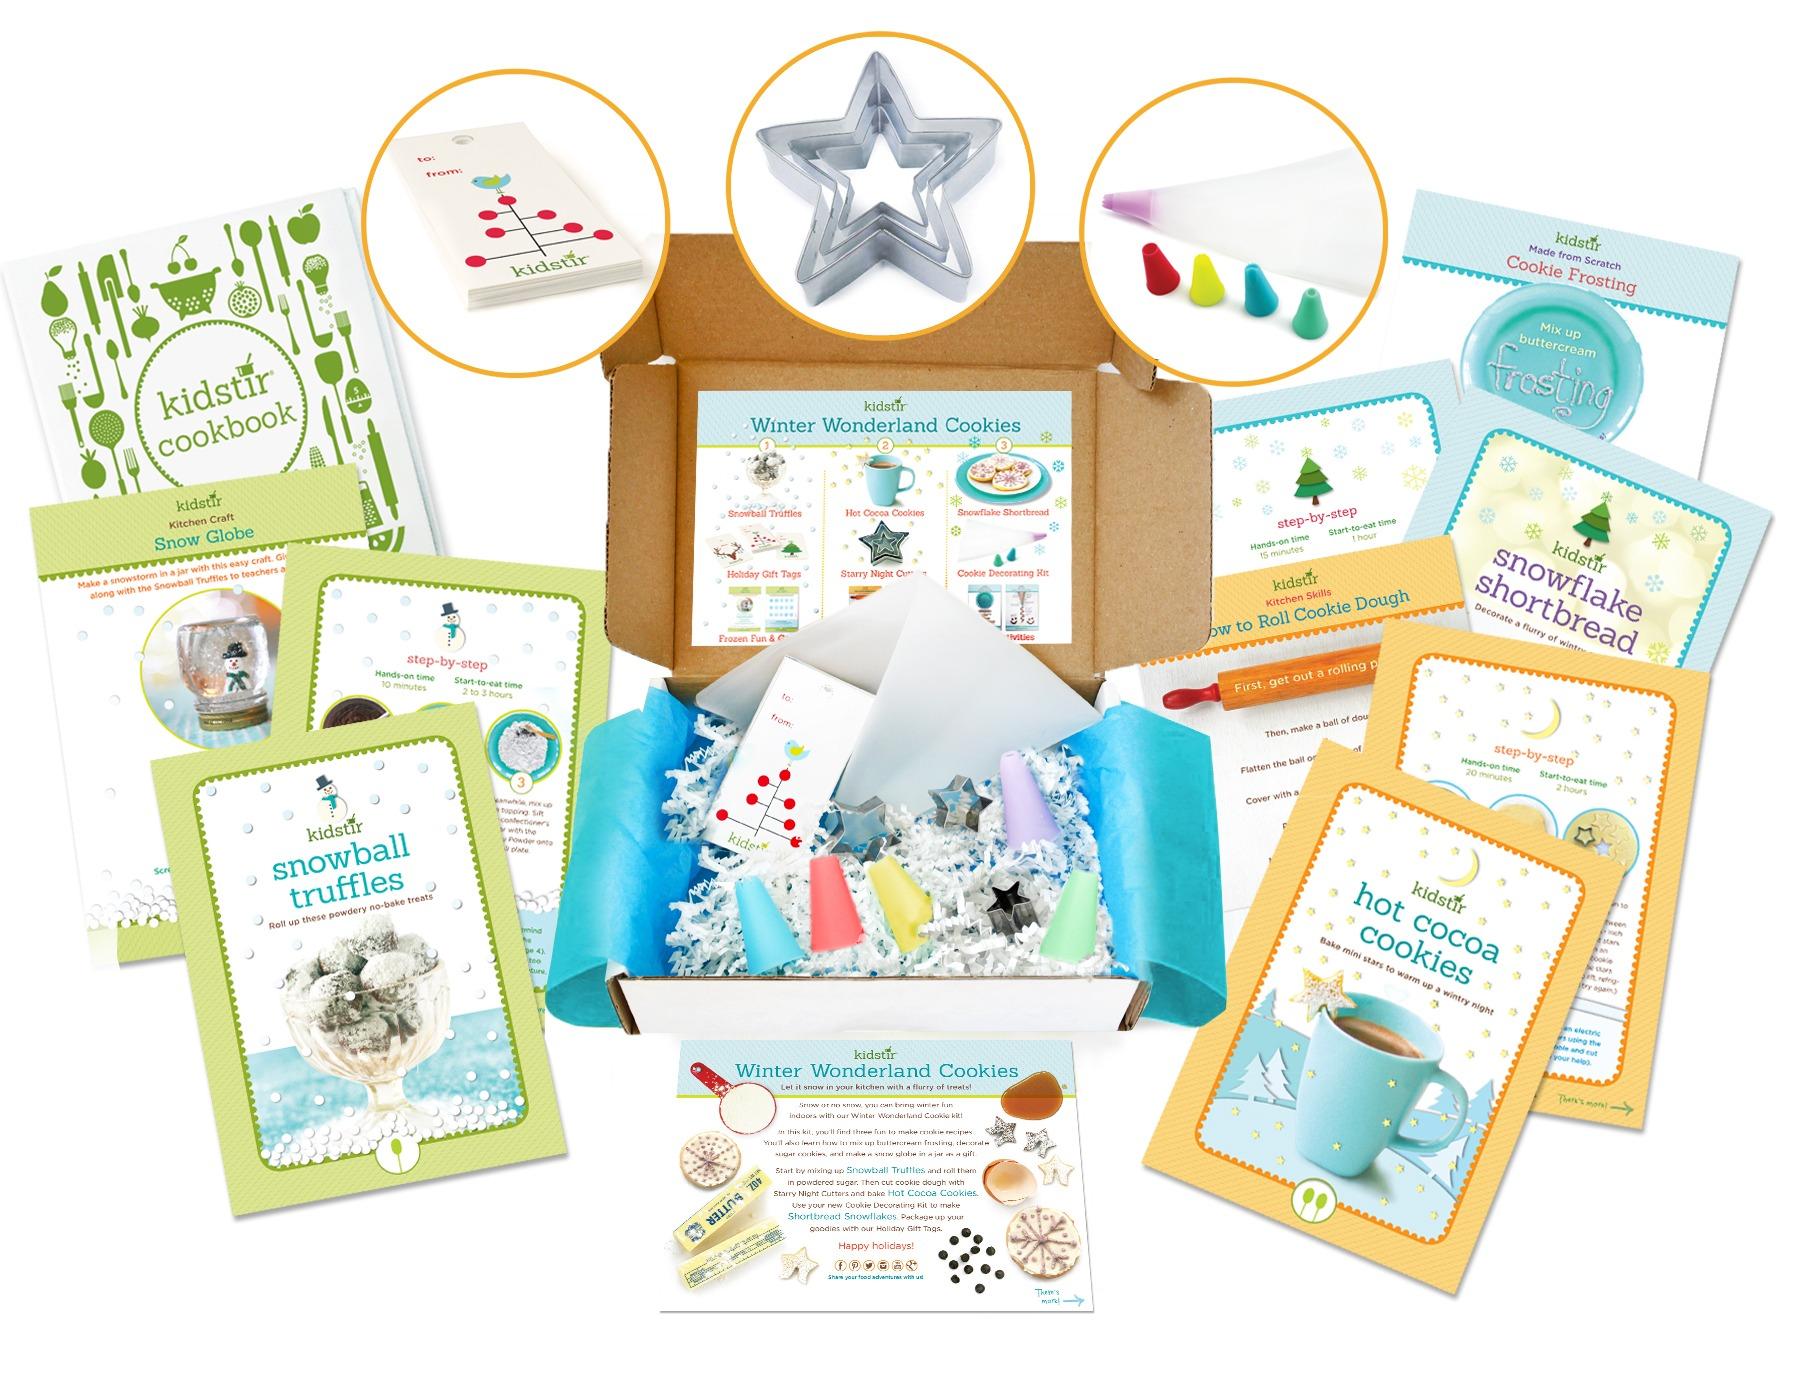 Best Subscription Boxes For Kids - Unique Gift Ideas